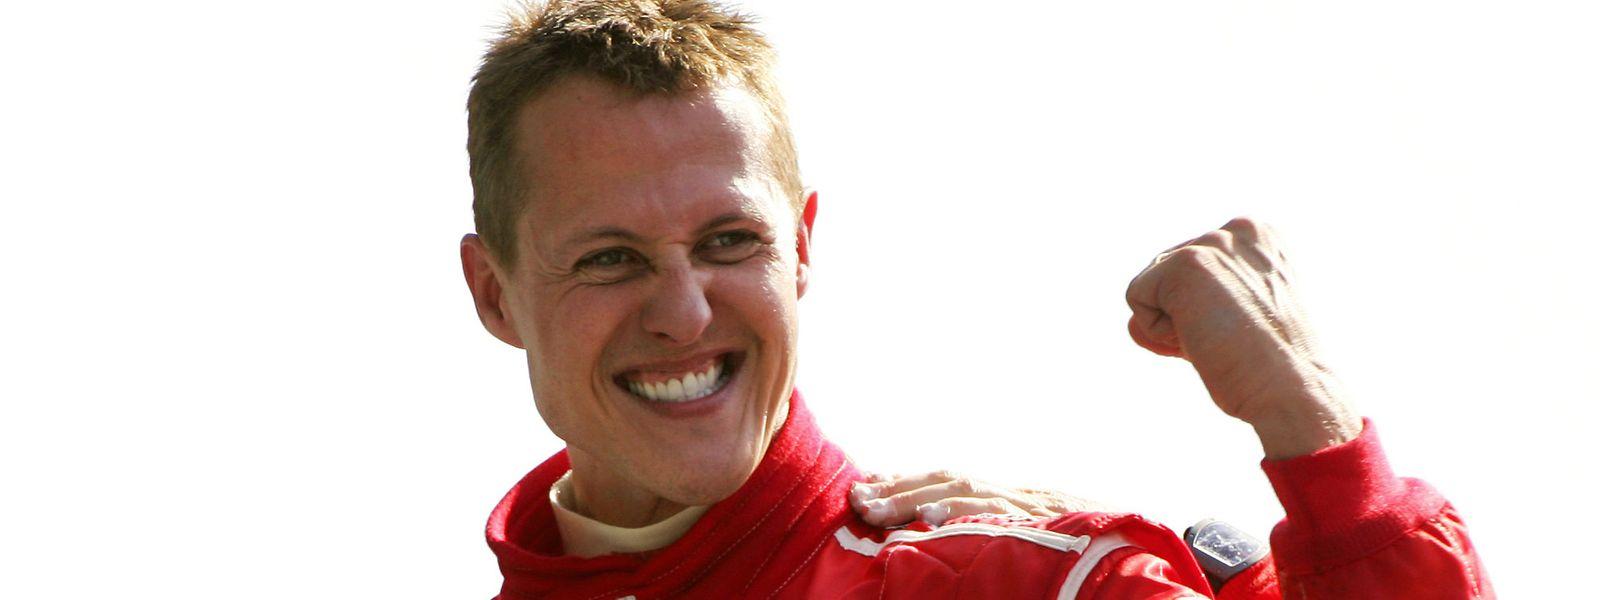 Mit sieben WM-Titeln ist Michael Schumacher noch immer der erfolgreichste Formel-1-Fahrer der Geschichte.